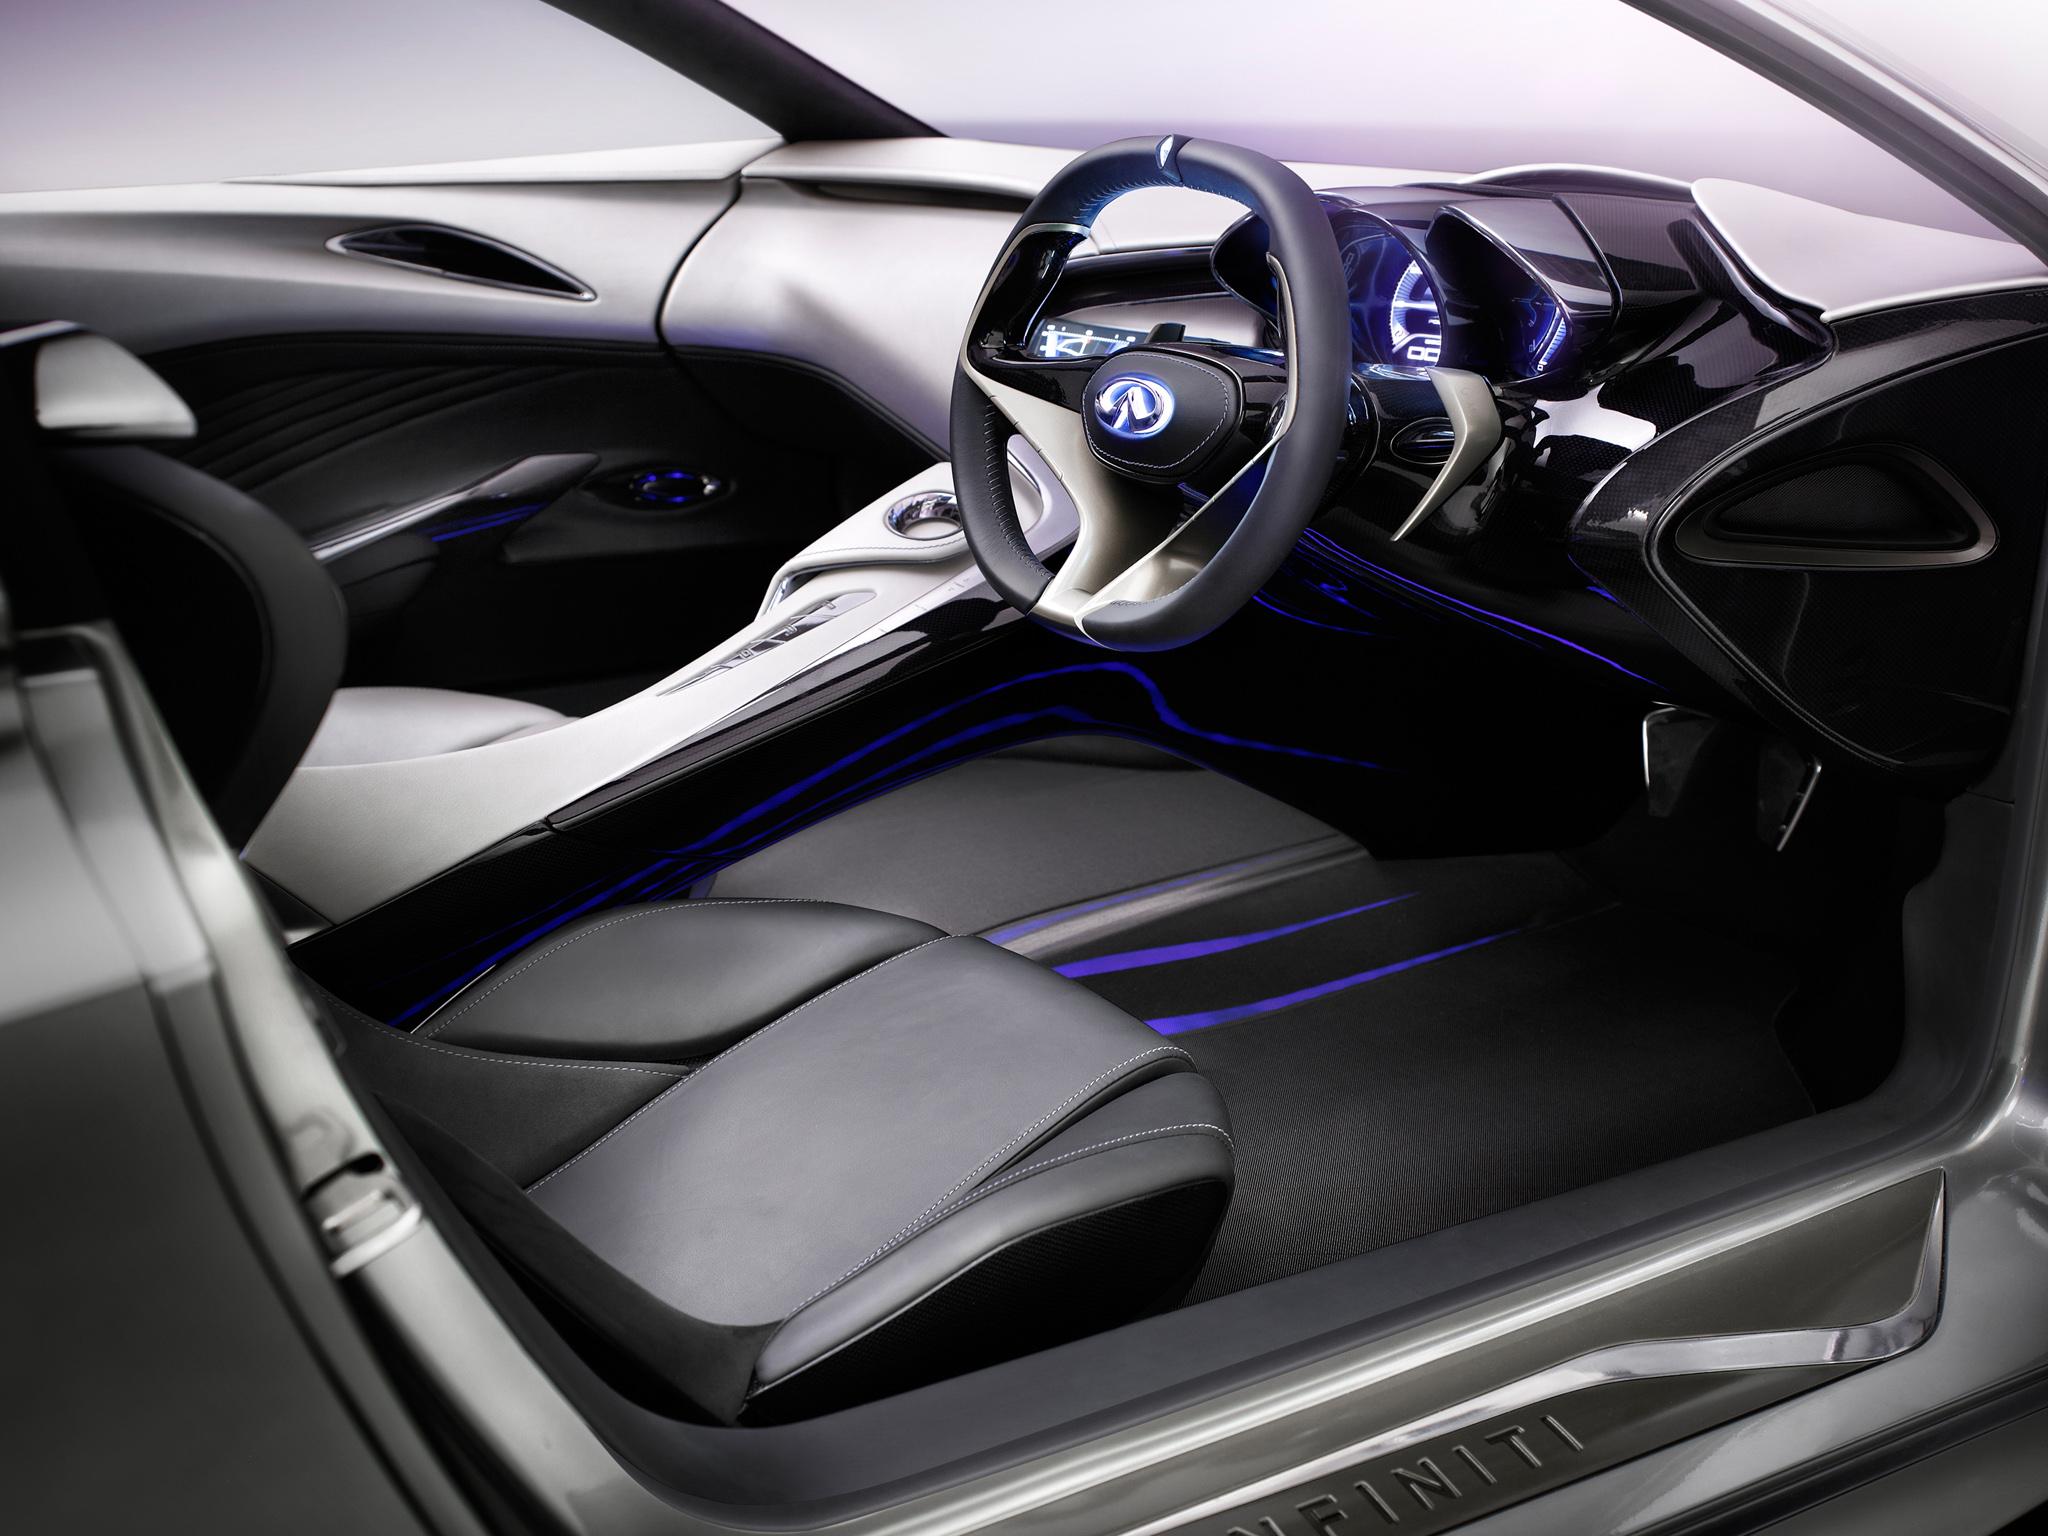 Infiniti Emerg E Concept Supercar Interior G Wallpaper